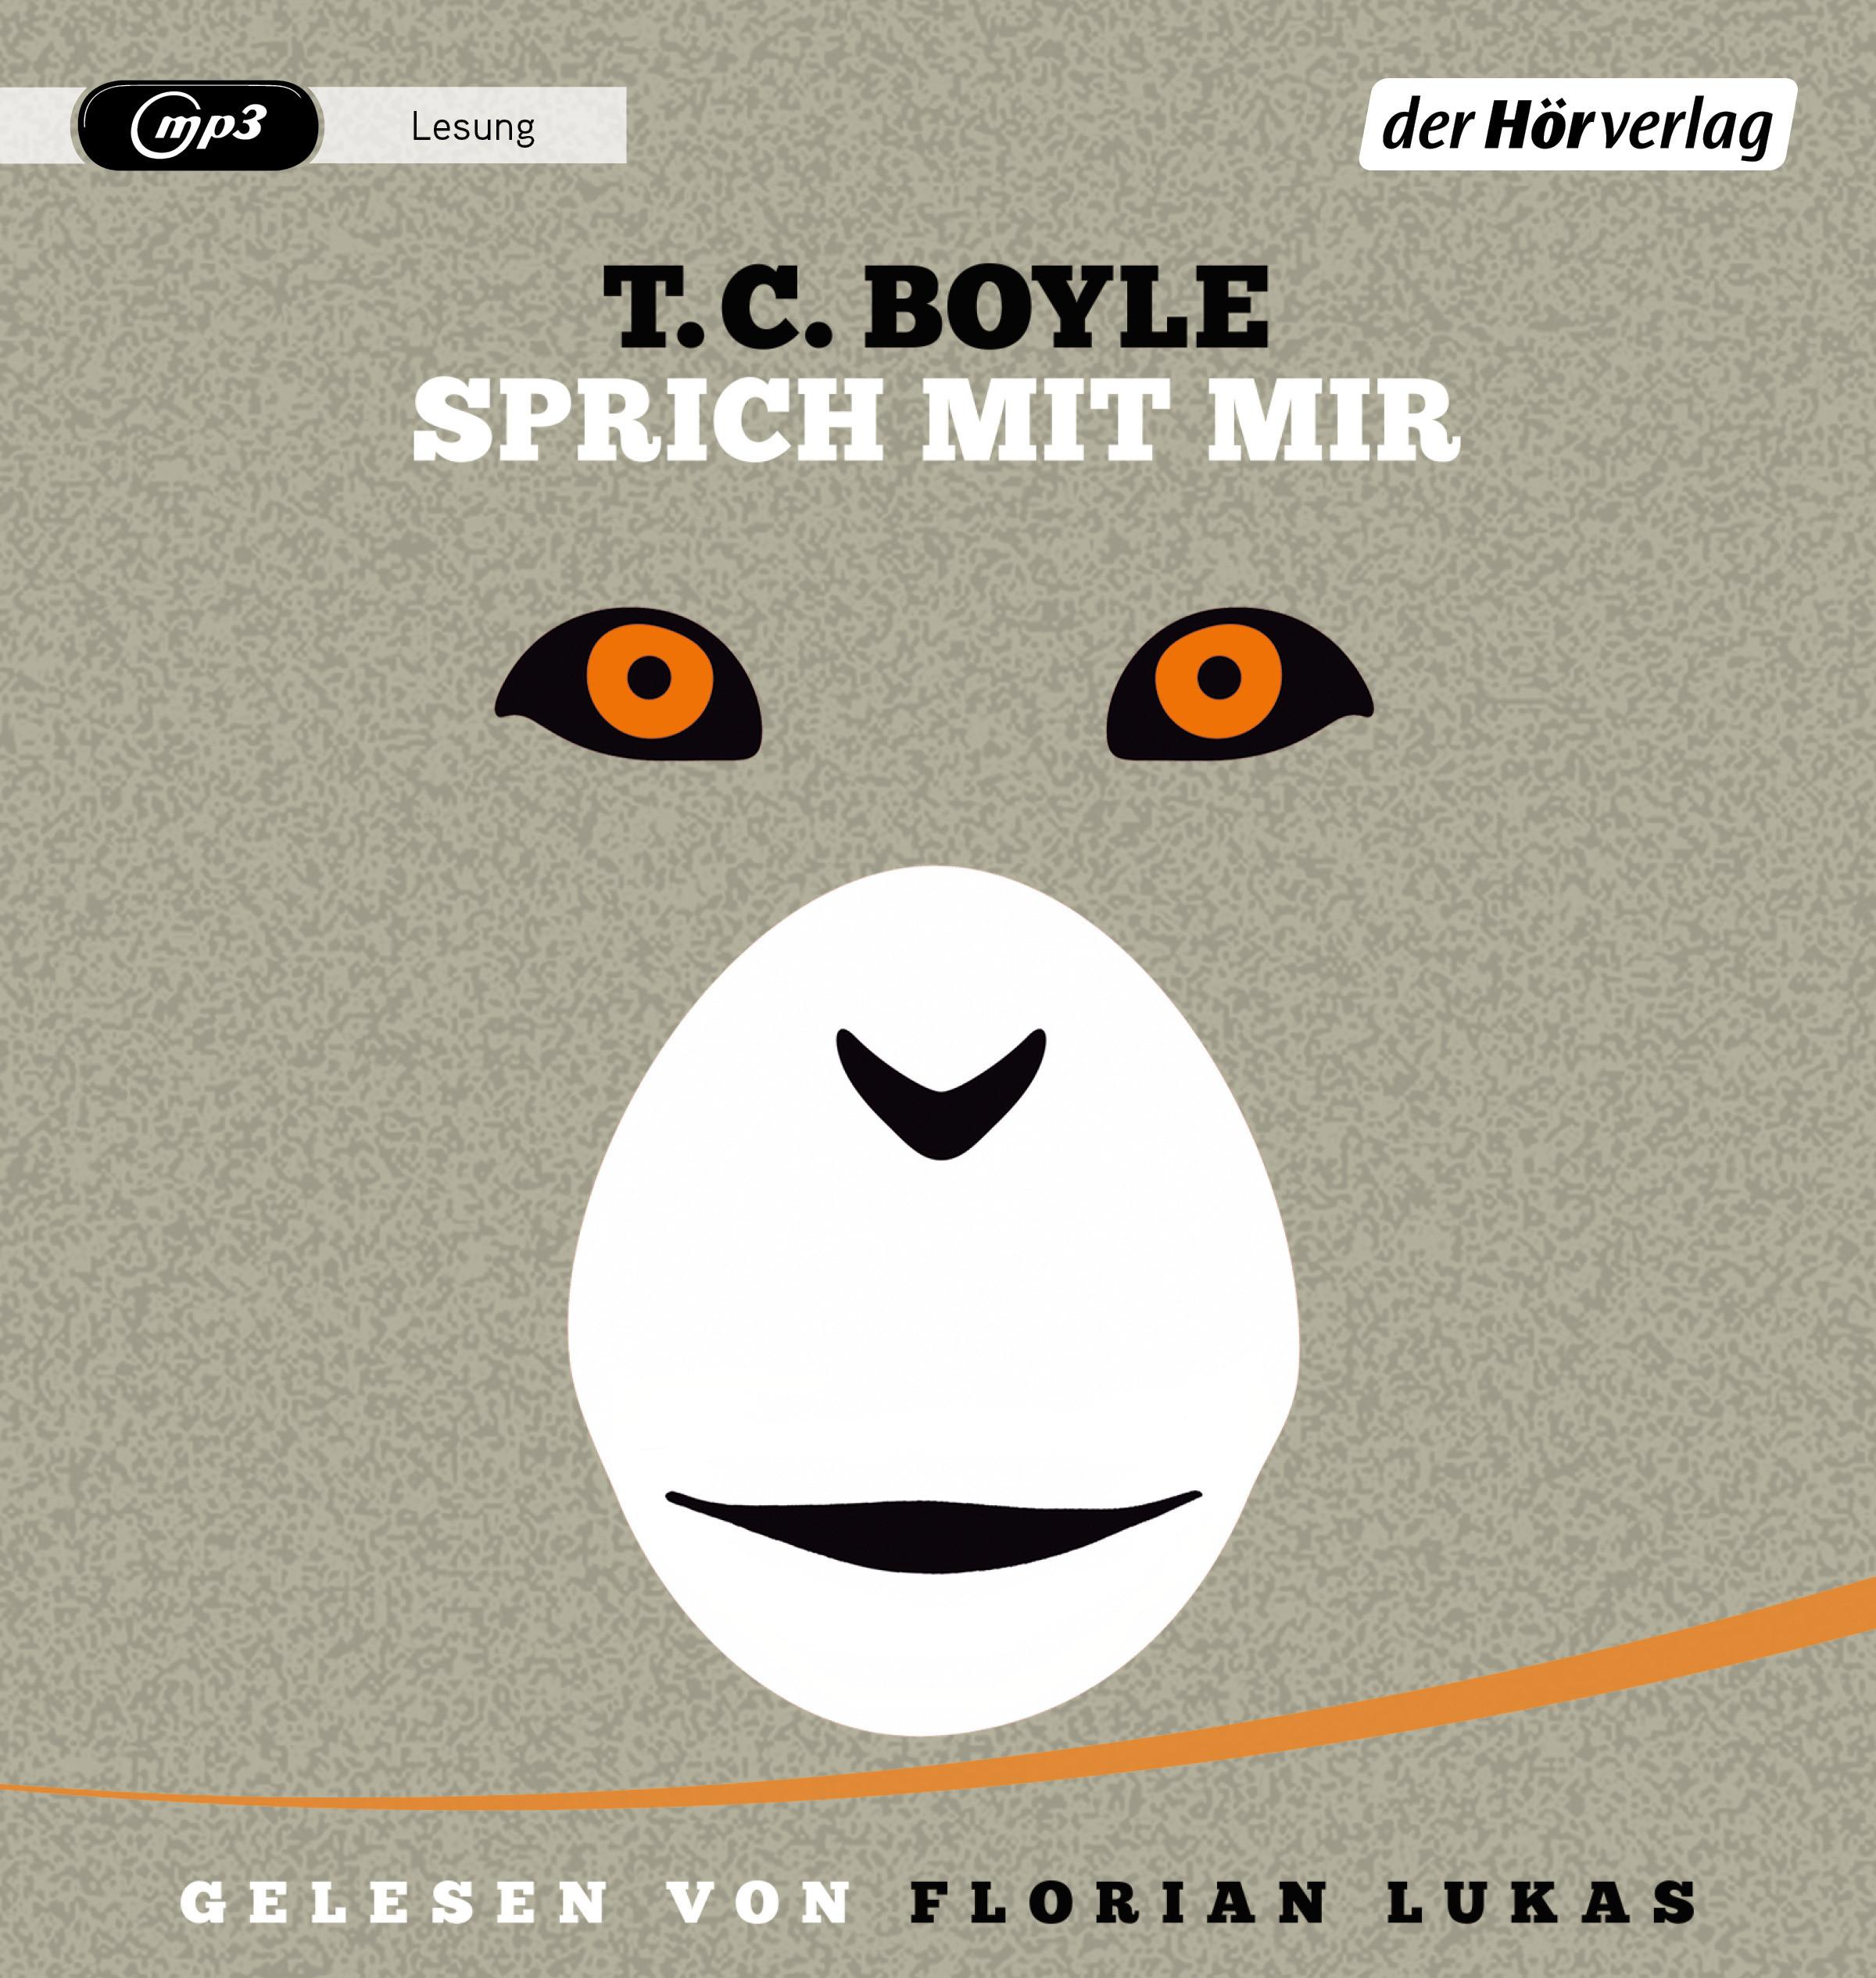 T.C. Boyle - Sprich mit mir